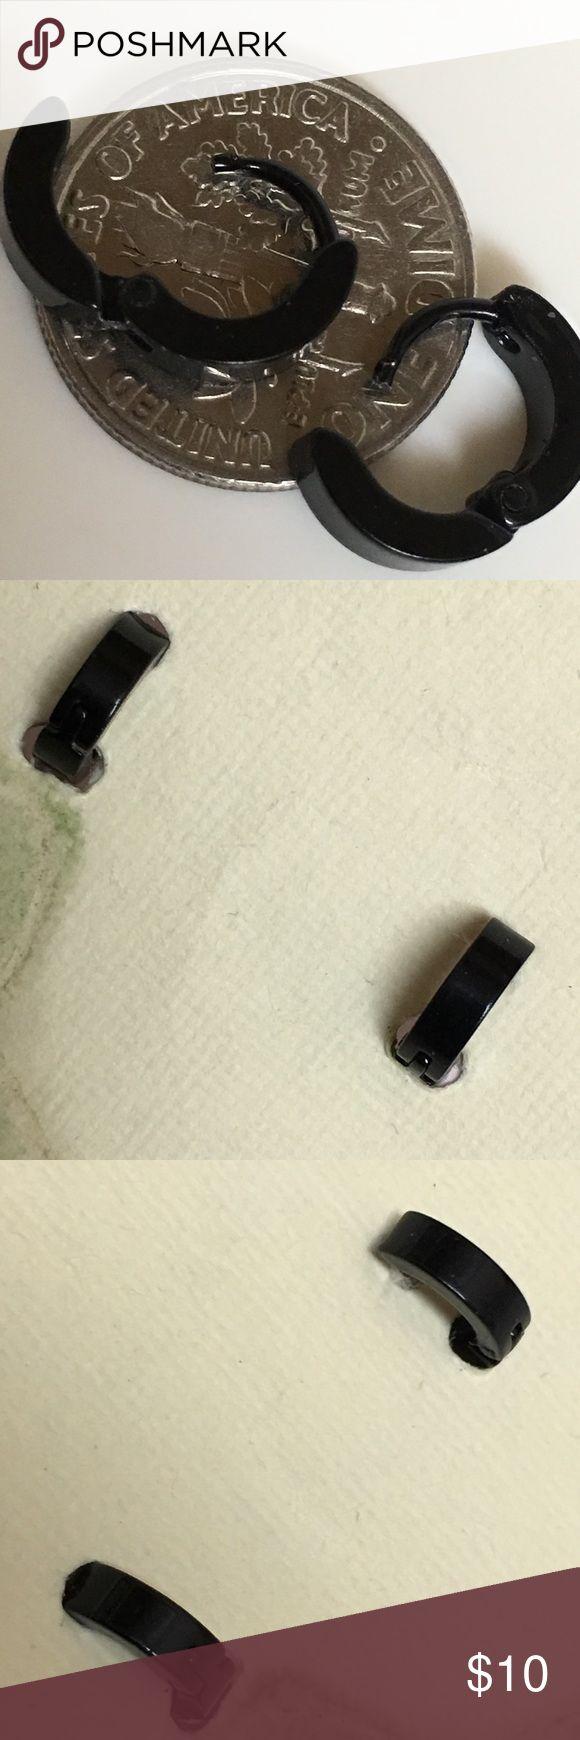 Small Black stainless steel huggie earrings